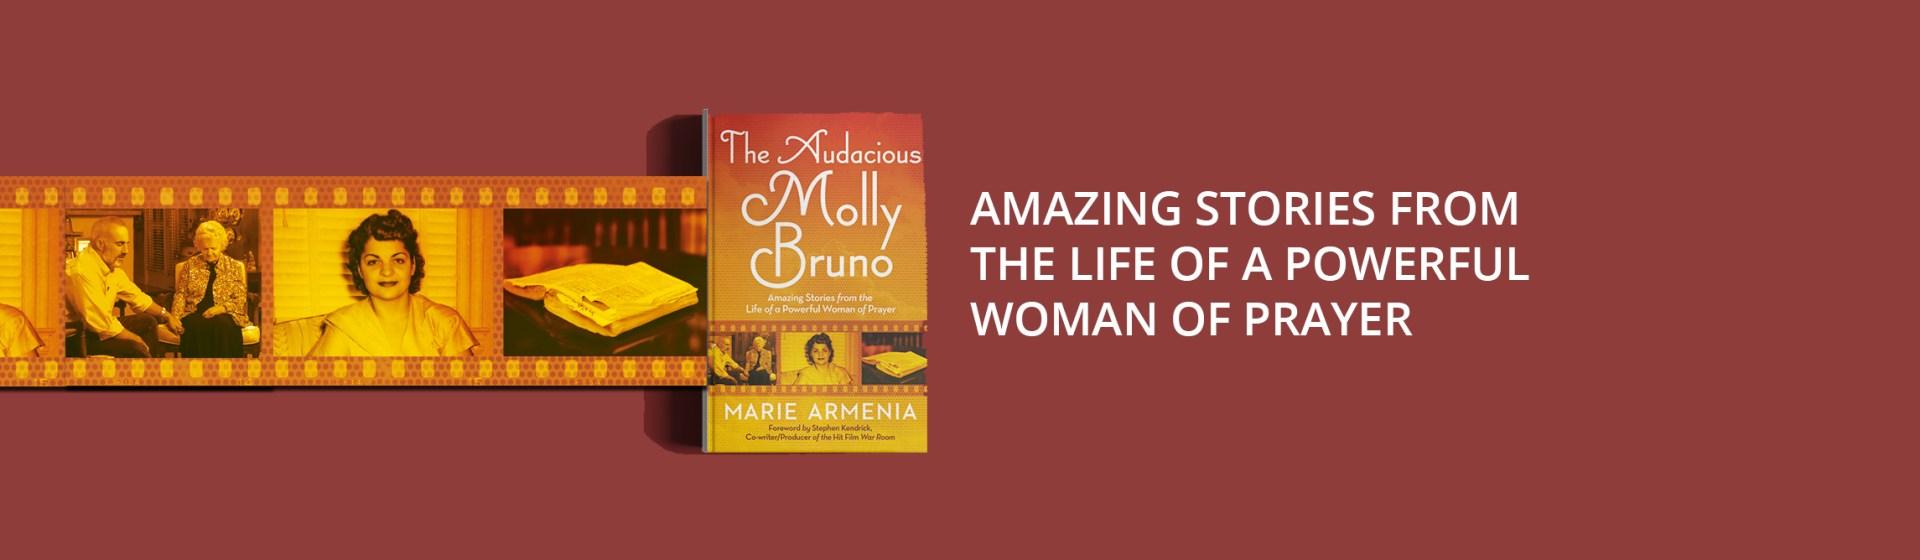 The Audacious Molly Bruno By Marie Armenia Faithwords